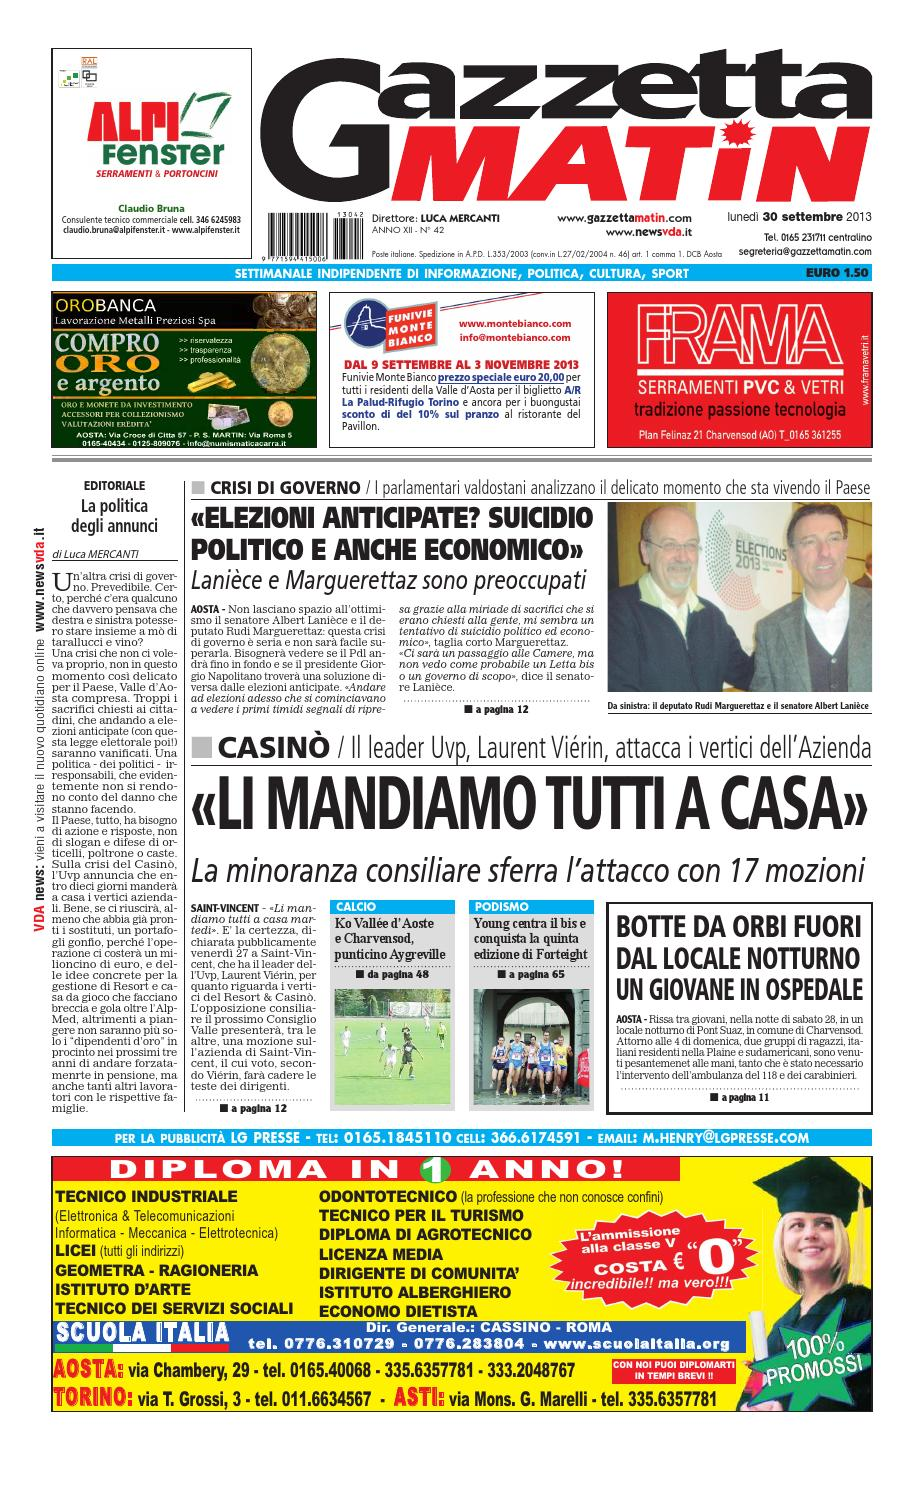 Gazzetta Matin del 30 settembre 2013 by Luca Mercanti - issuu 1f618cdb61b